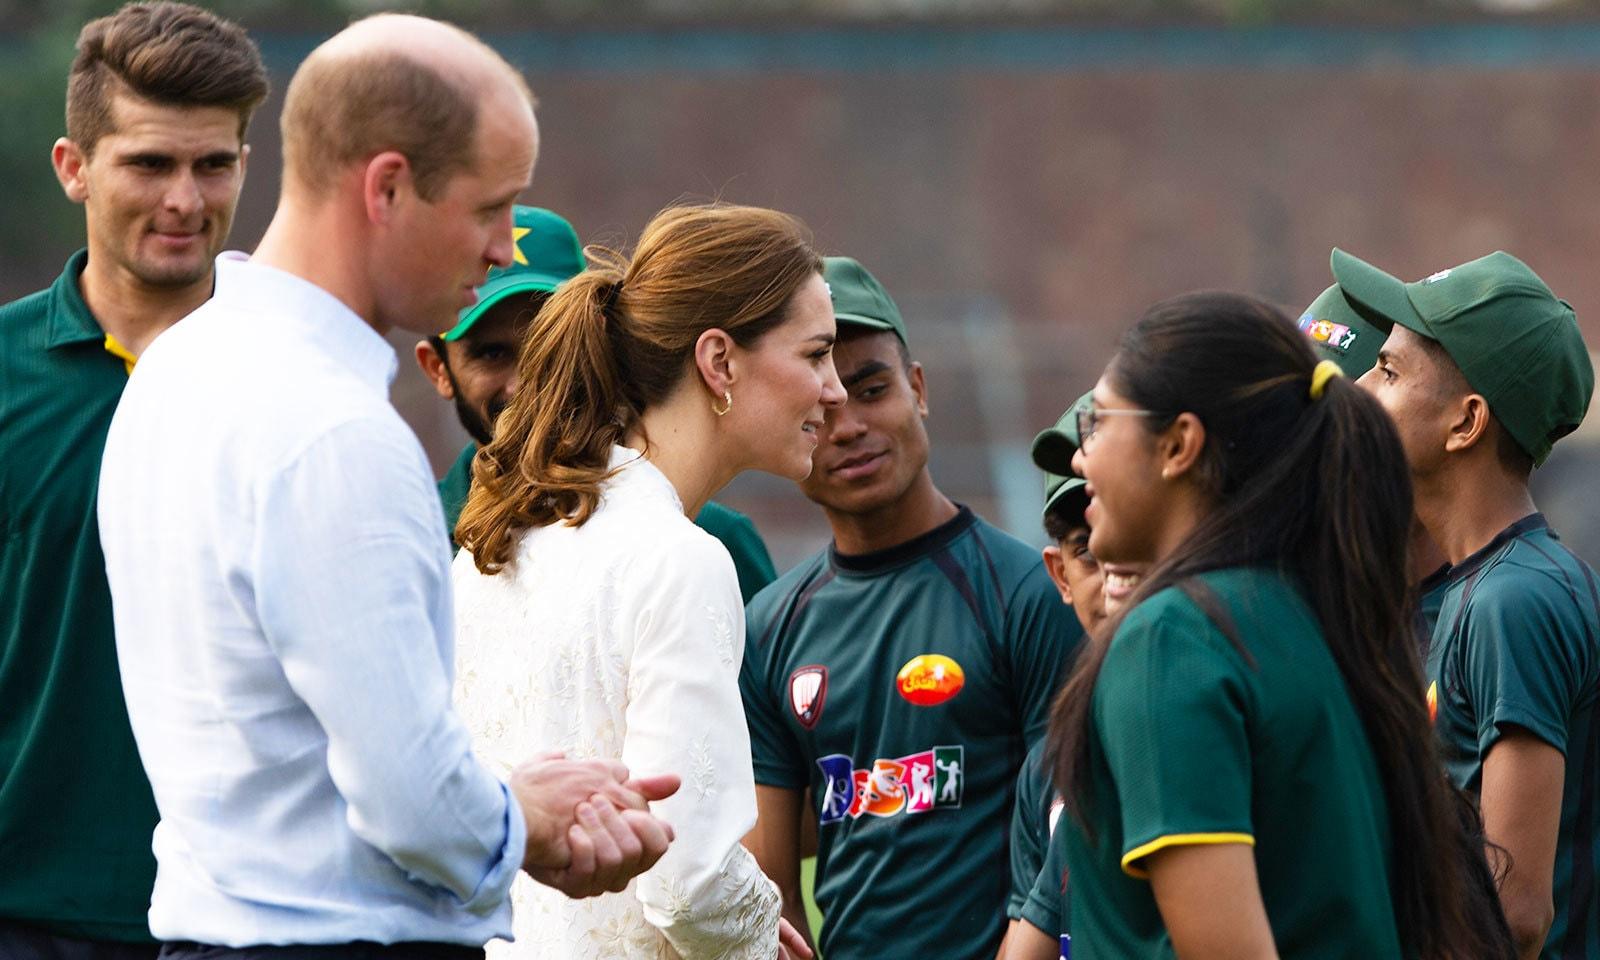 شاہی جوڑا نوجوان کھلاڑیوں کے ساتھ بھی گھل مل گیا—فوٹو: اے پی